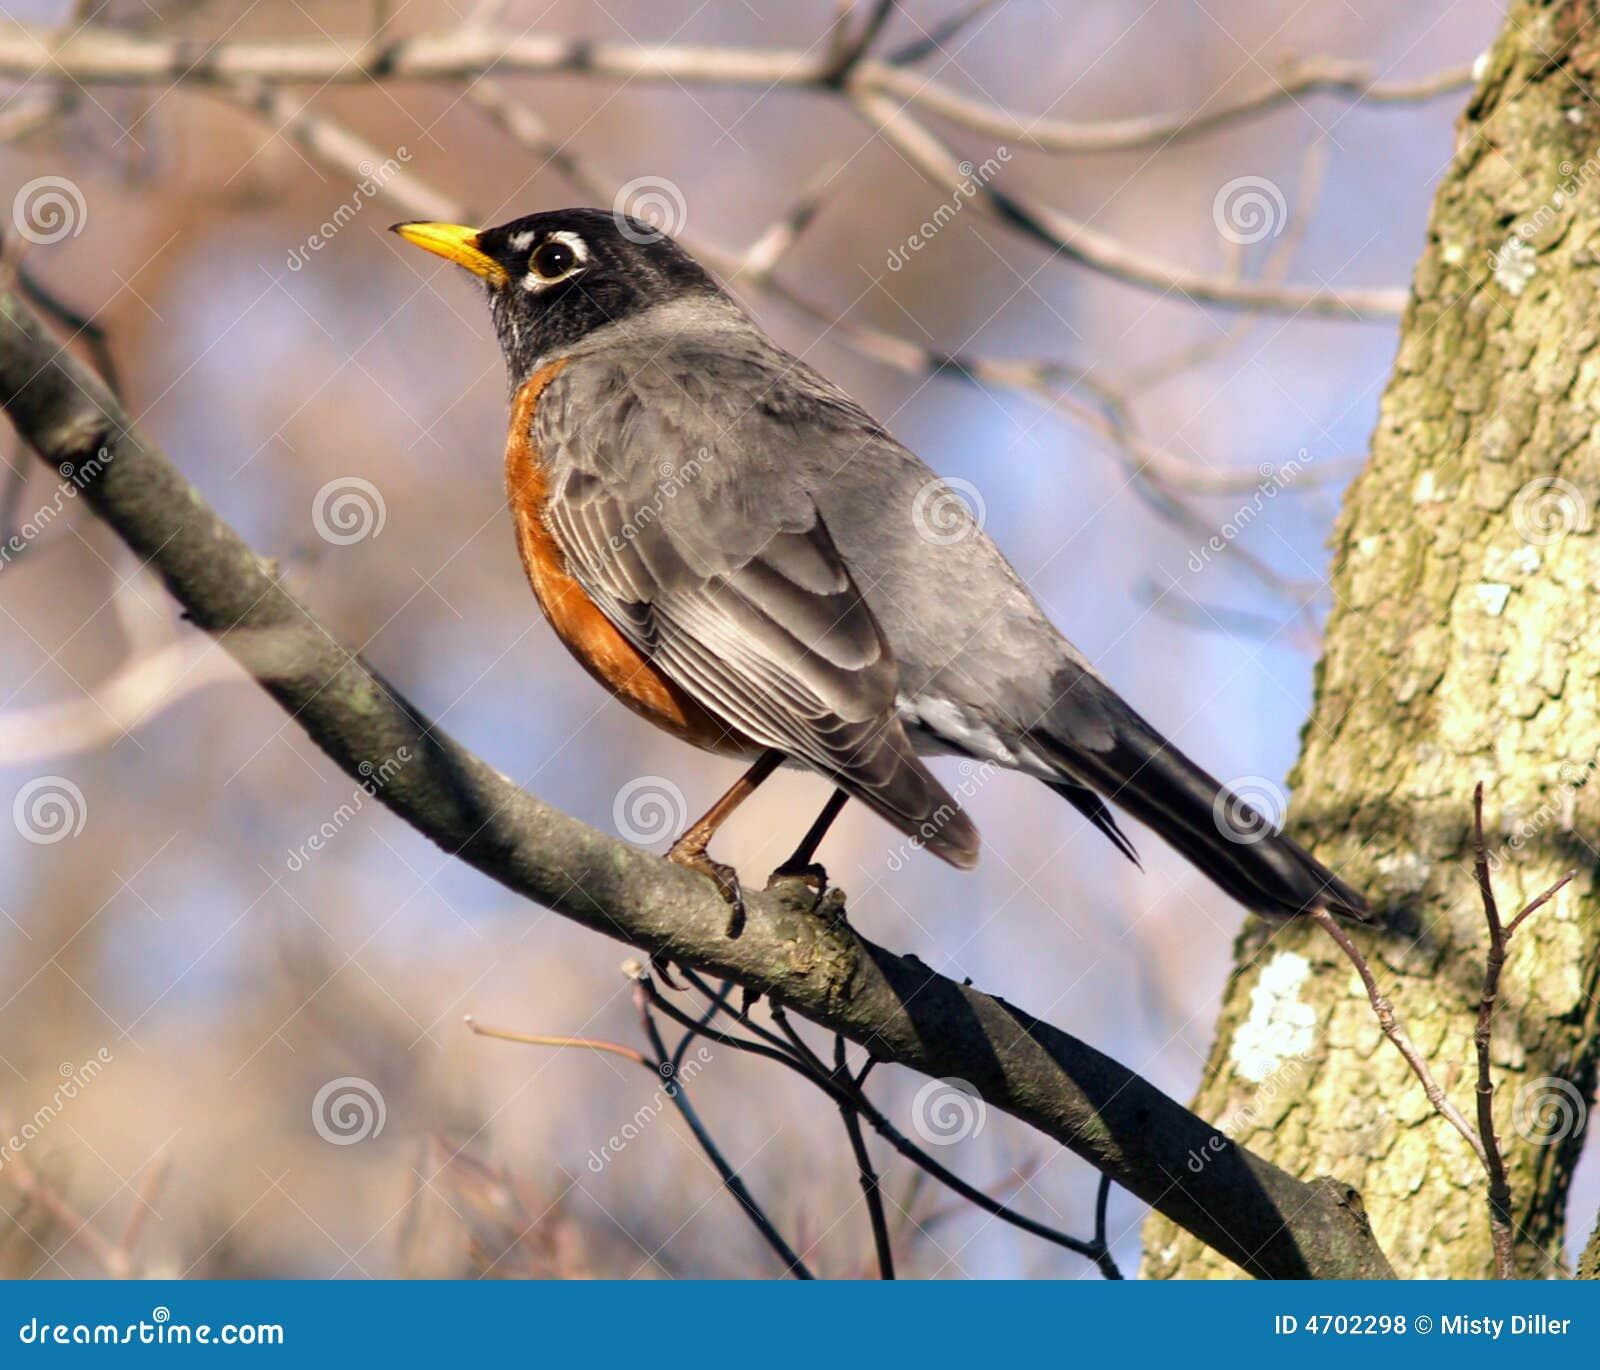 Source Robin